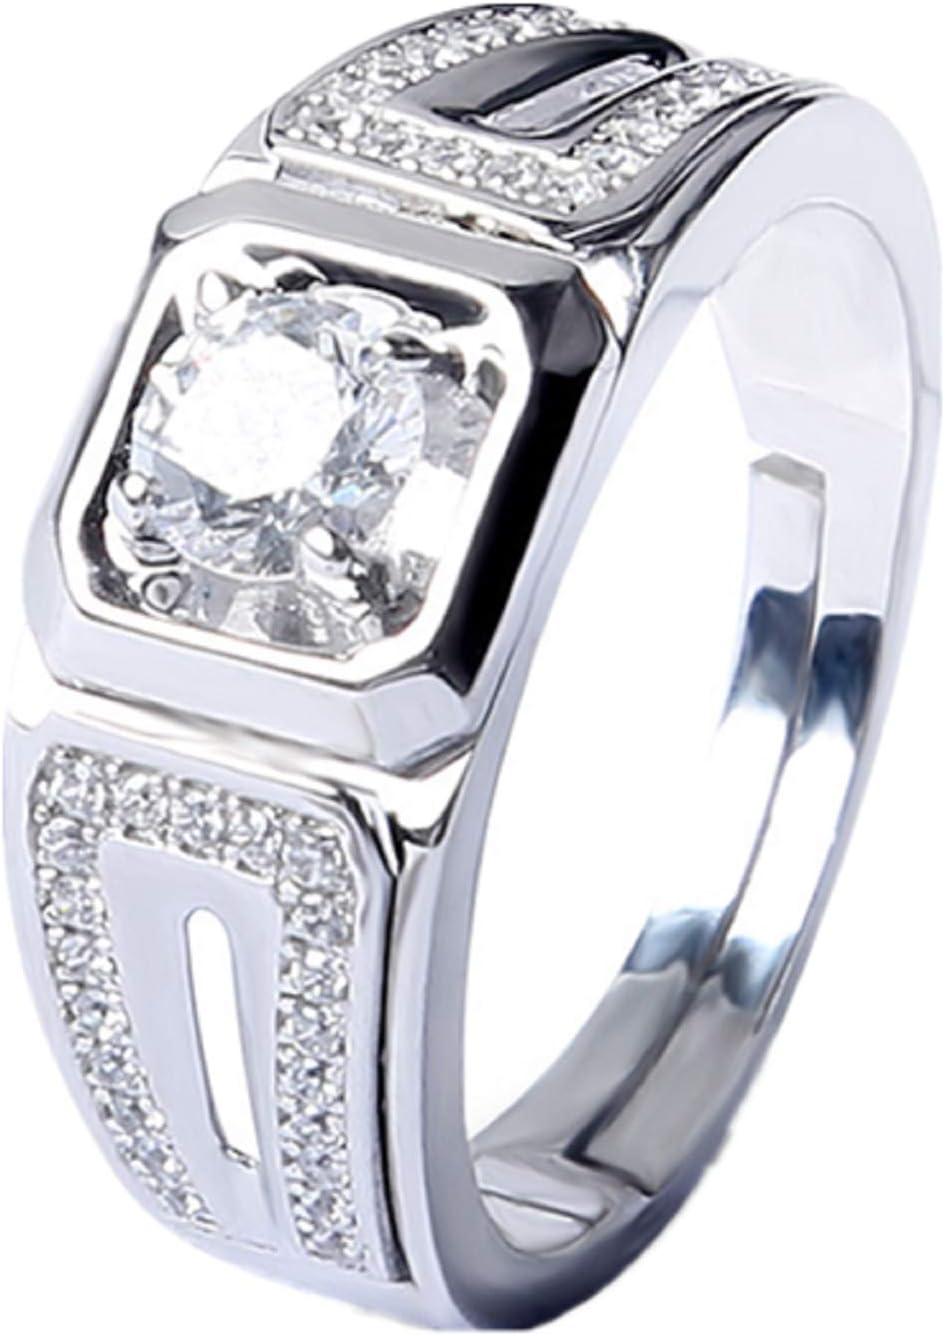 GengGeng GENG 925 Plata esterlina Corazones de Alta Gama Ocho Flechas Diamantes Set Diamantes Anillos de los Hombres,Silver